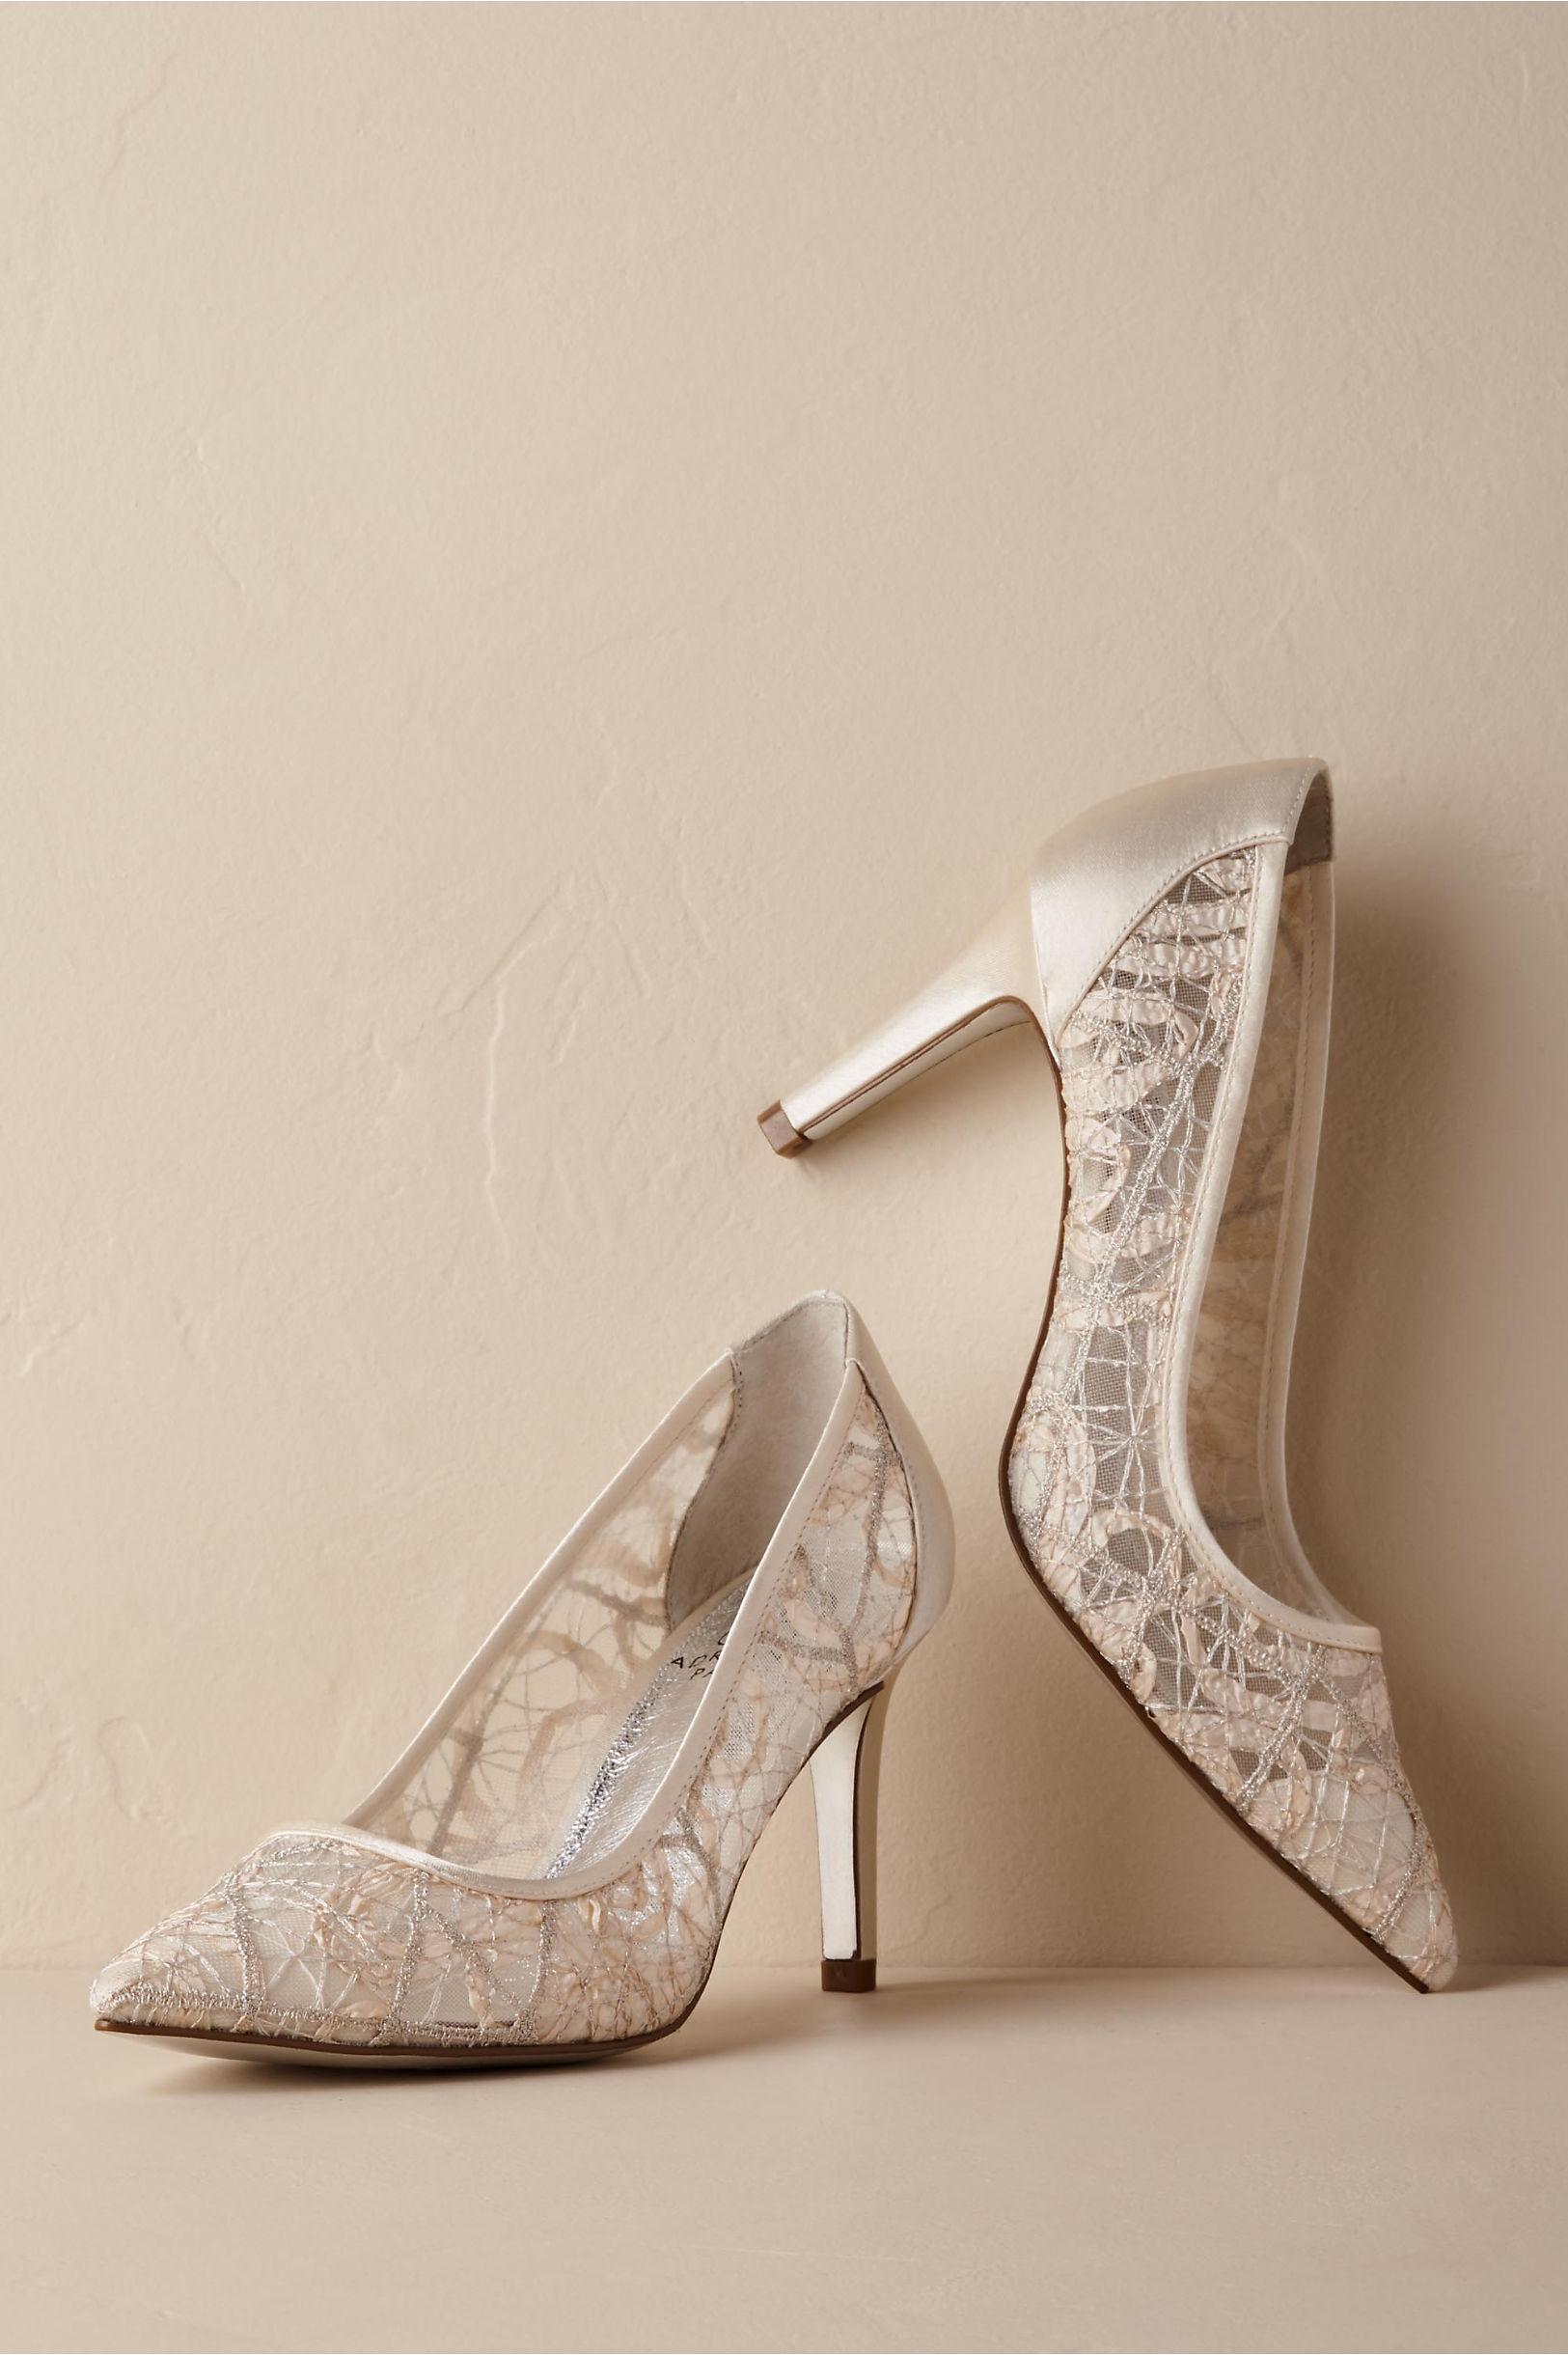 75cee93e6cf BHLDN s Adrianna Papell Hazyl Heels in Ivory